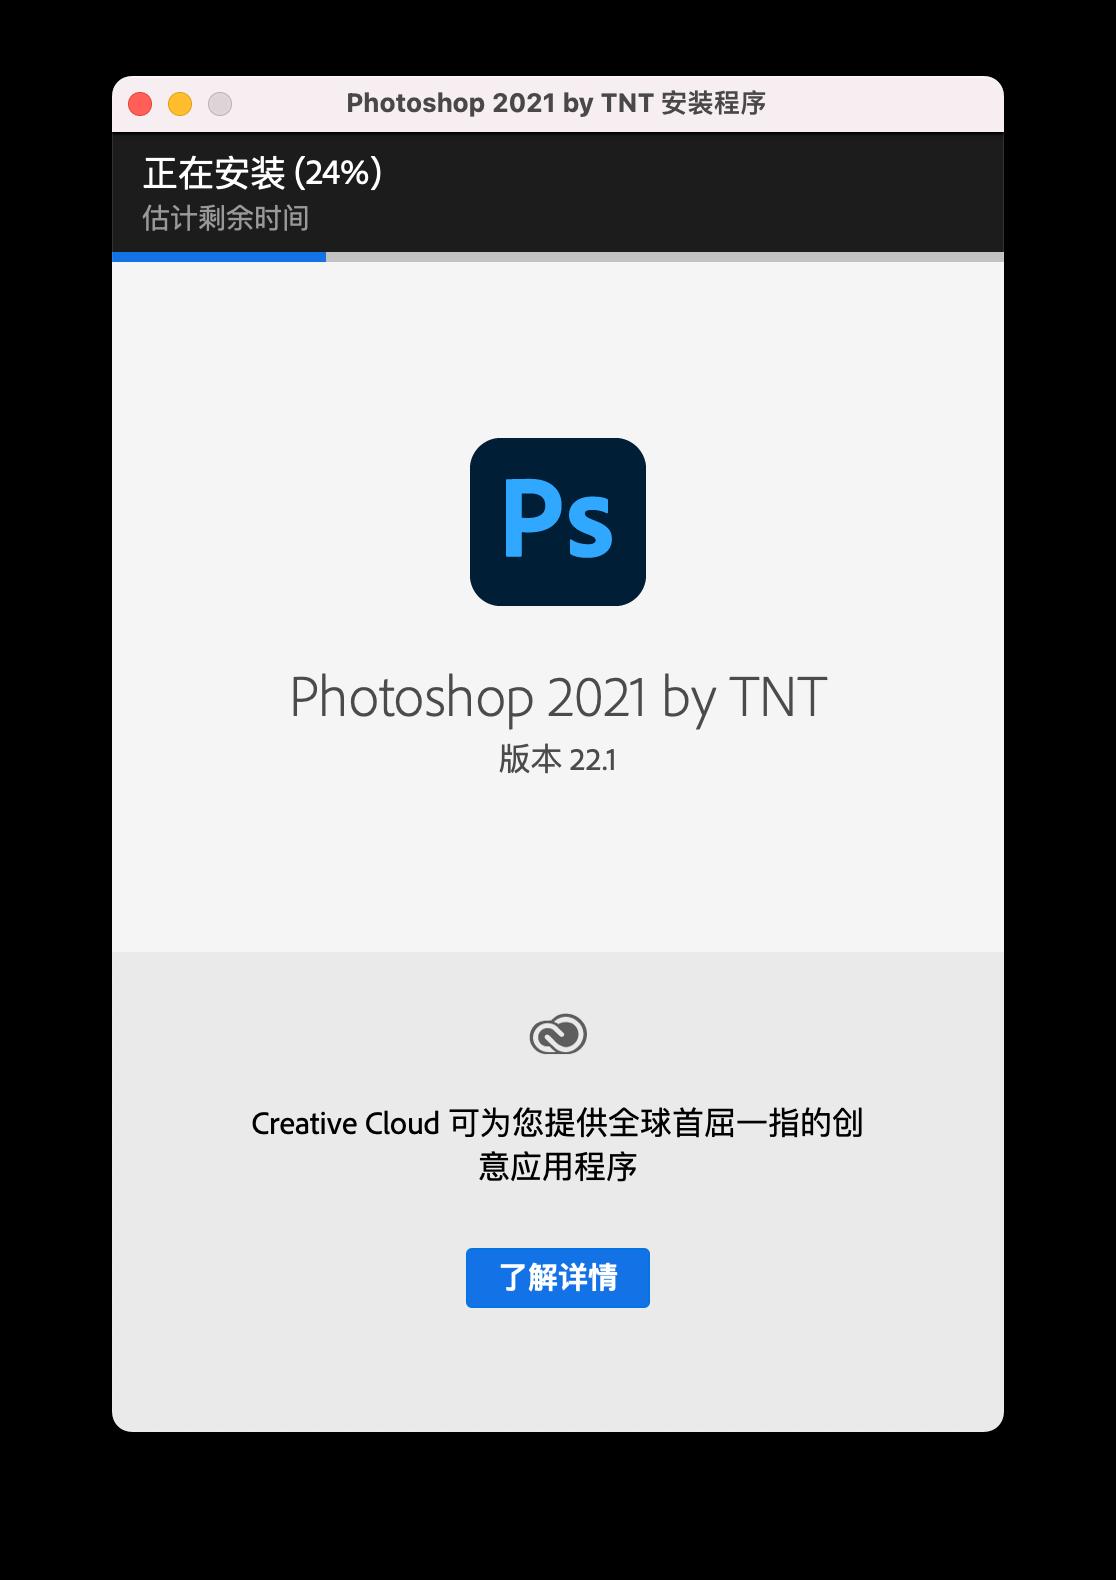 2021-Photoshop-1